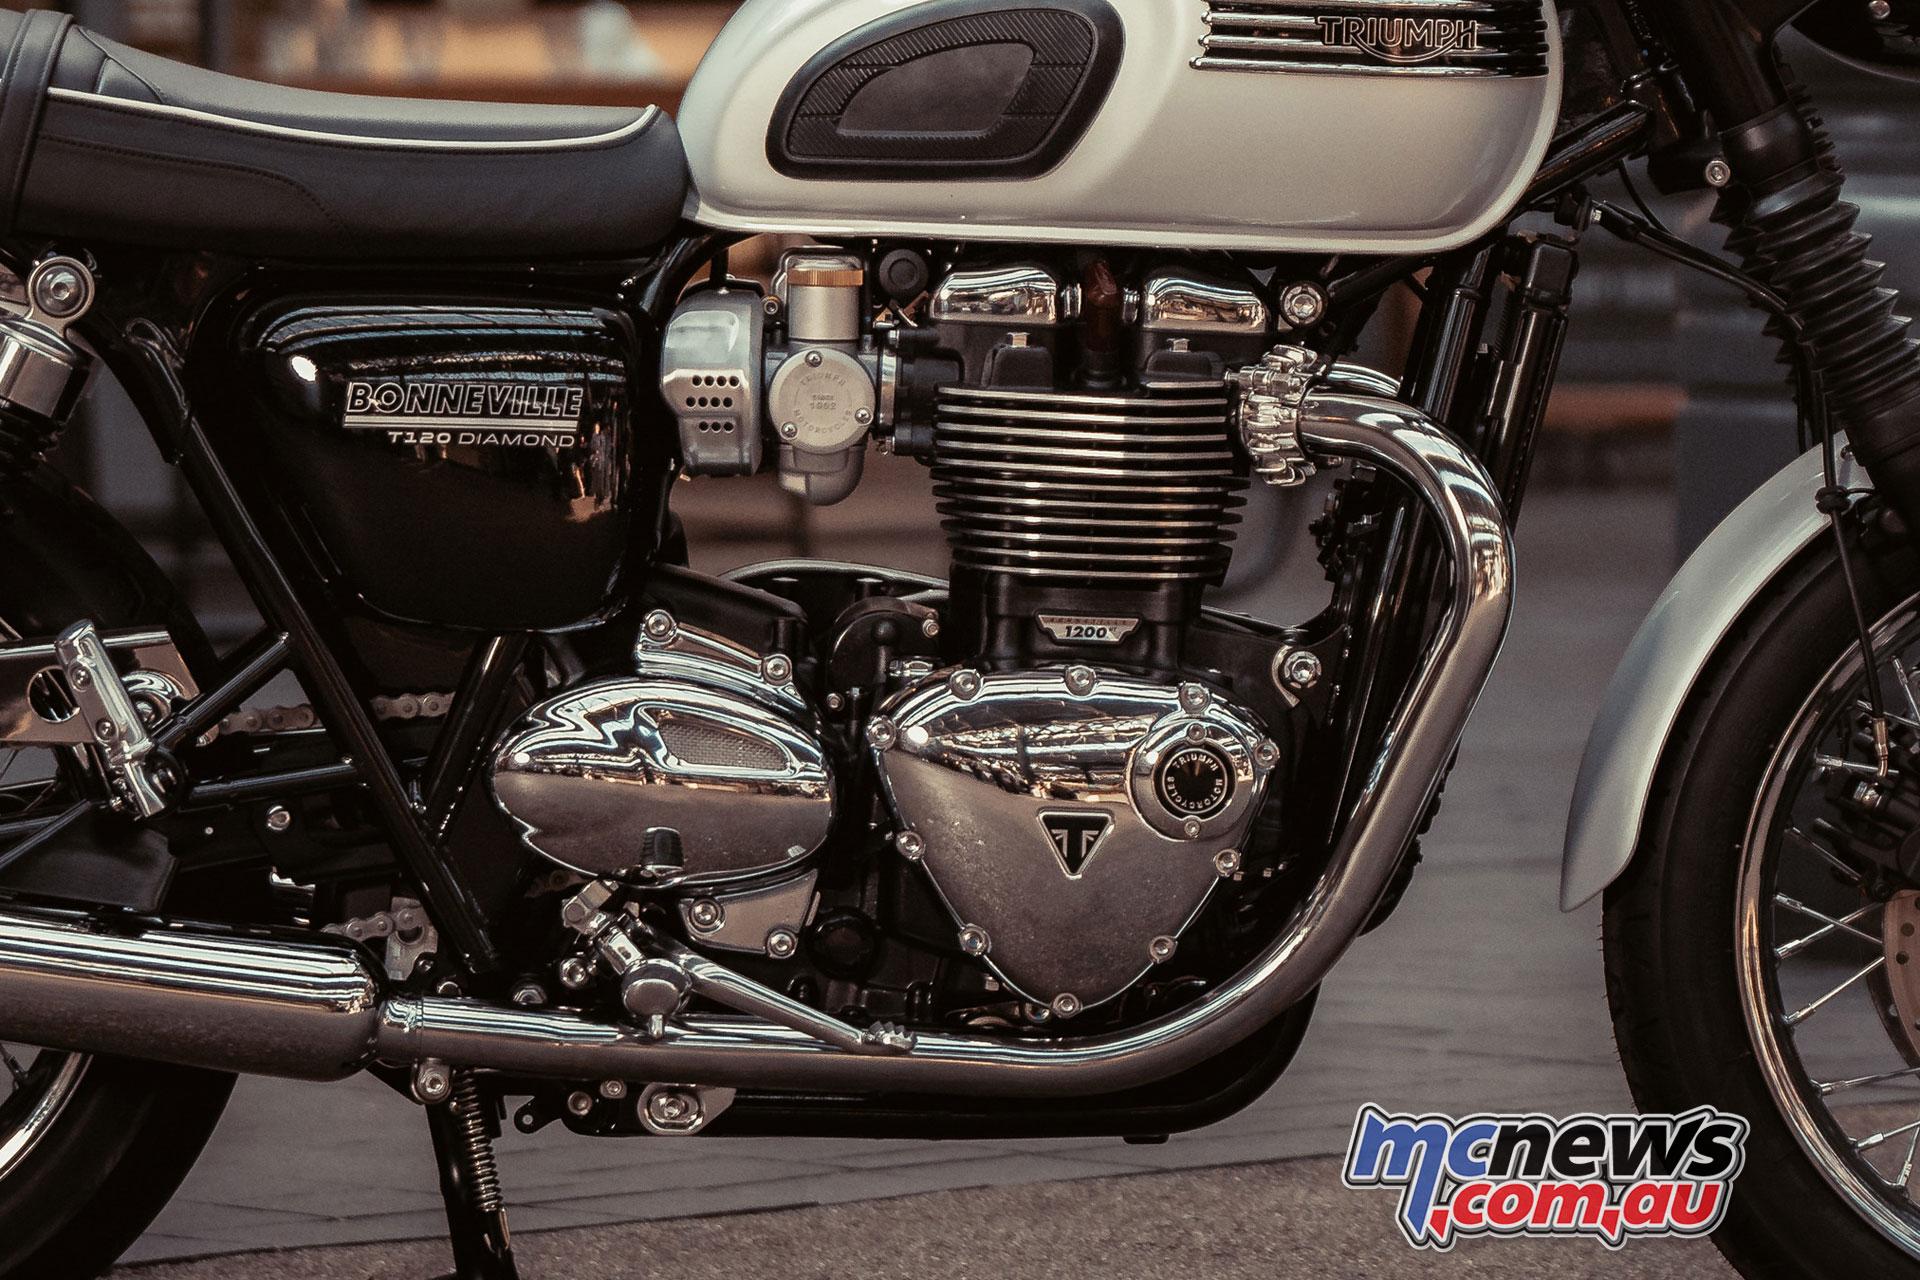 2019 Triumph Bonneville T120 Diamond Edition Mcnews Com Au